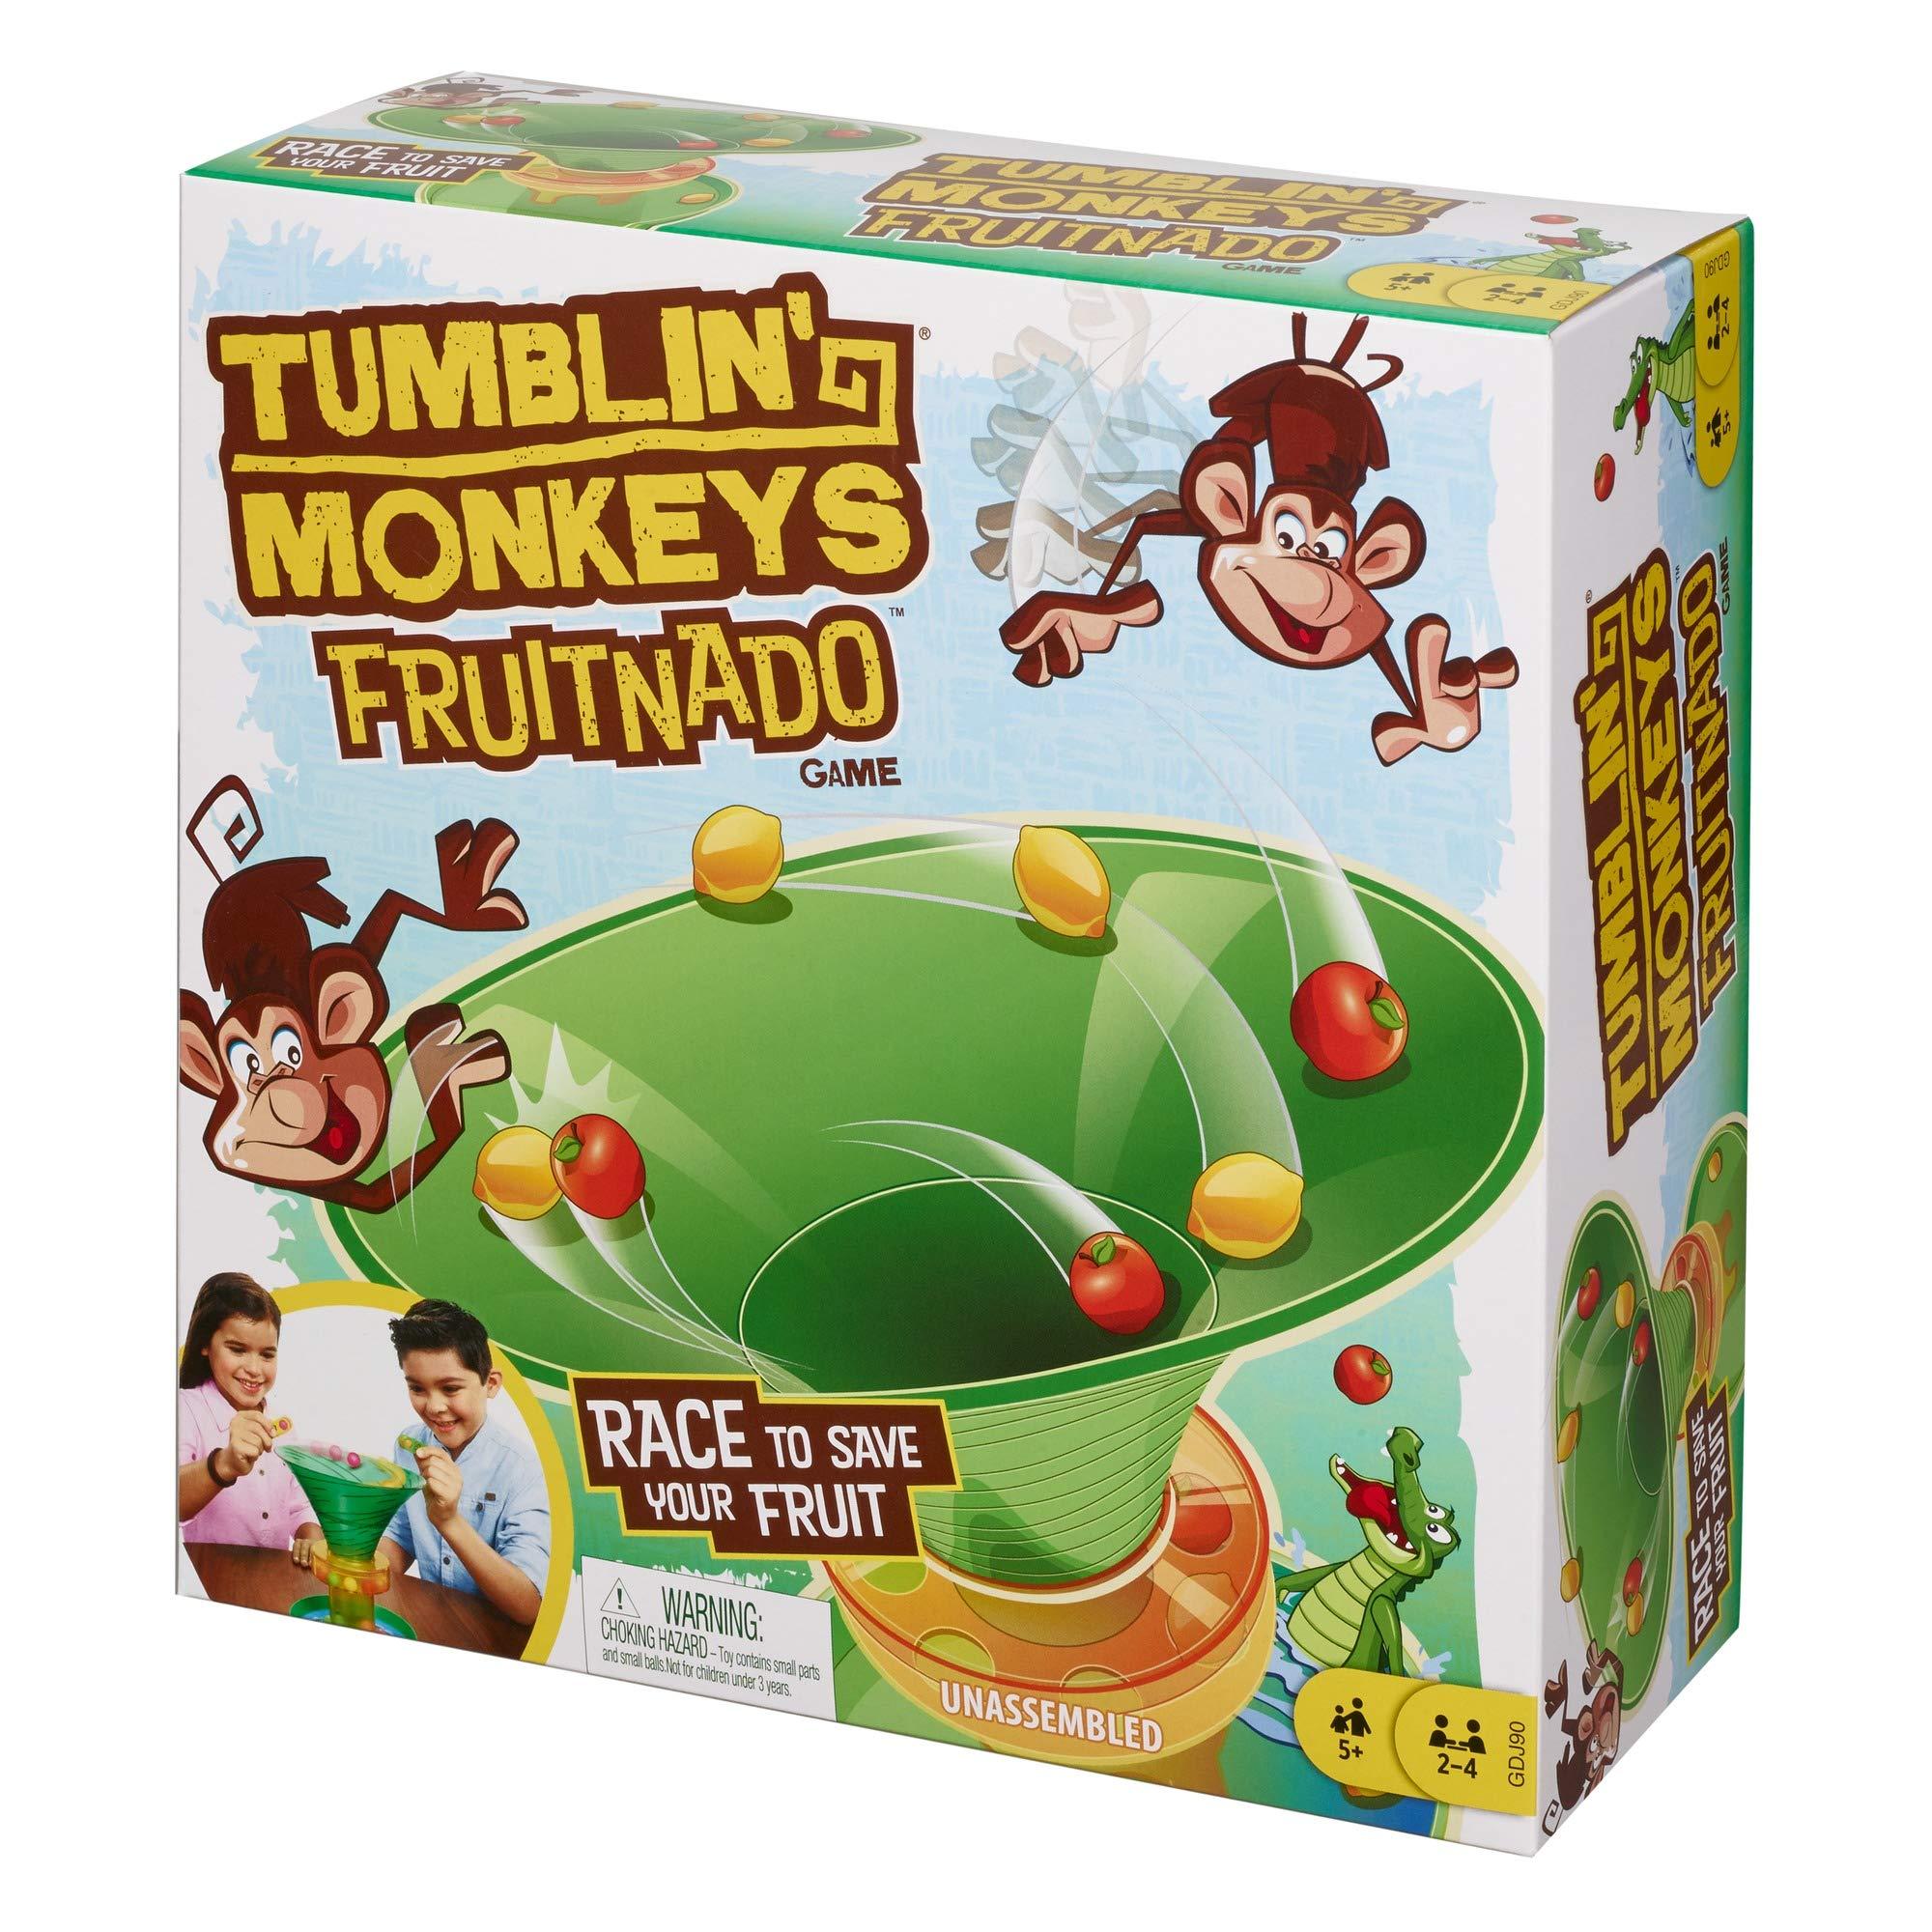 Mattel Games GDJ90 Tumblin Monkeys Fruitnado Kids Juego con Pinzas y canicas, Regalo para niños de 5 años y más, Multicolor, 8 Pulgadas: Amazon.es: Juguetes y juegos